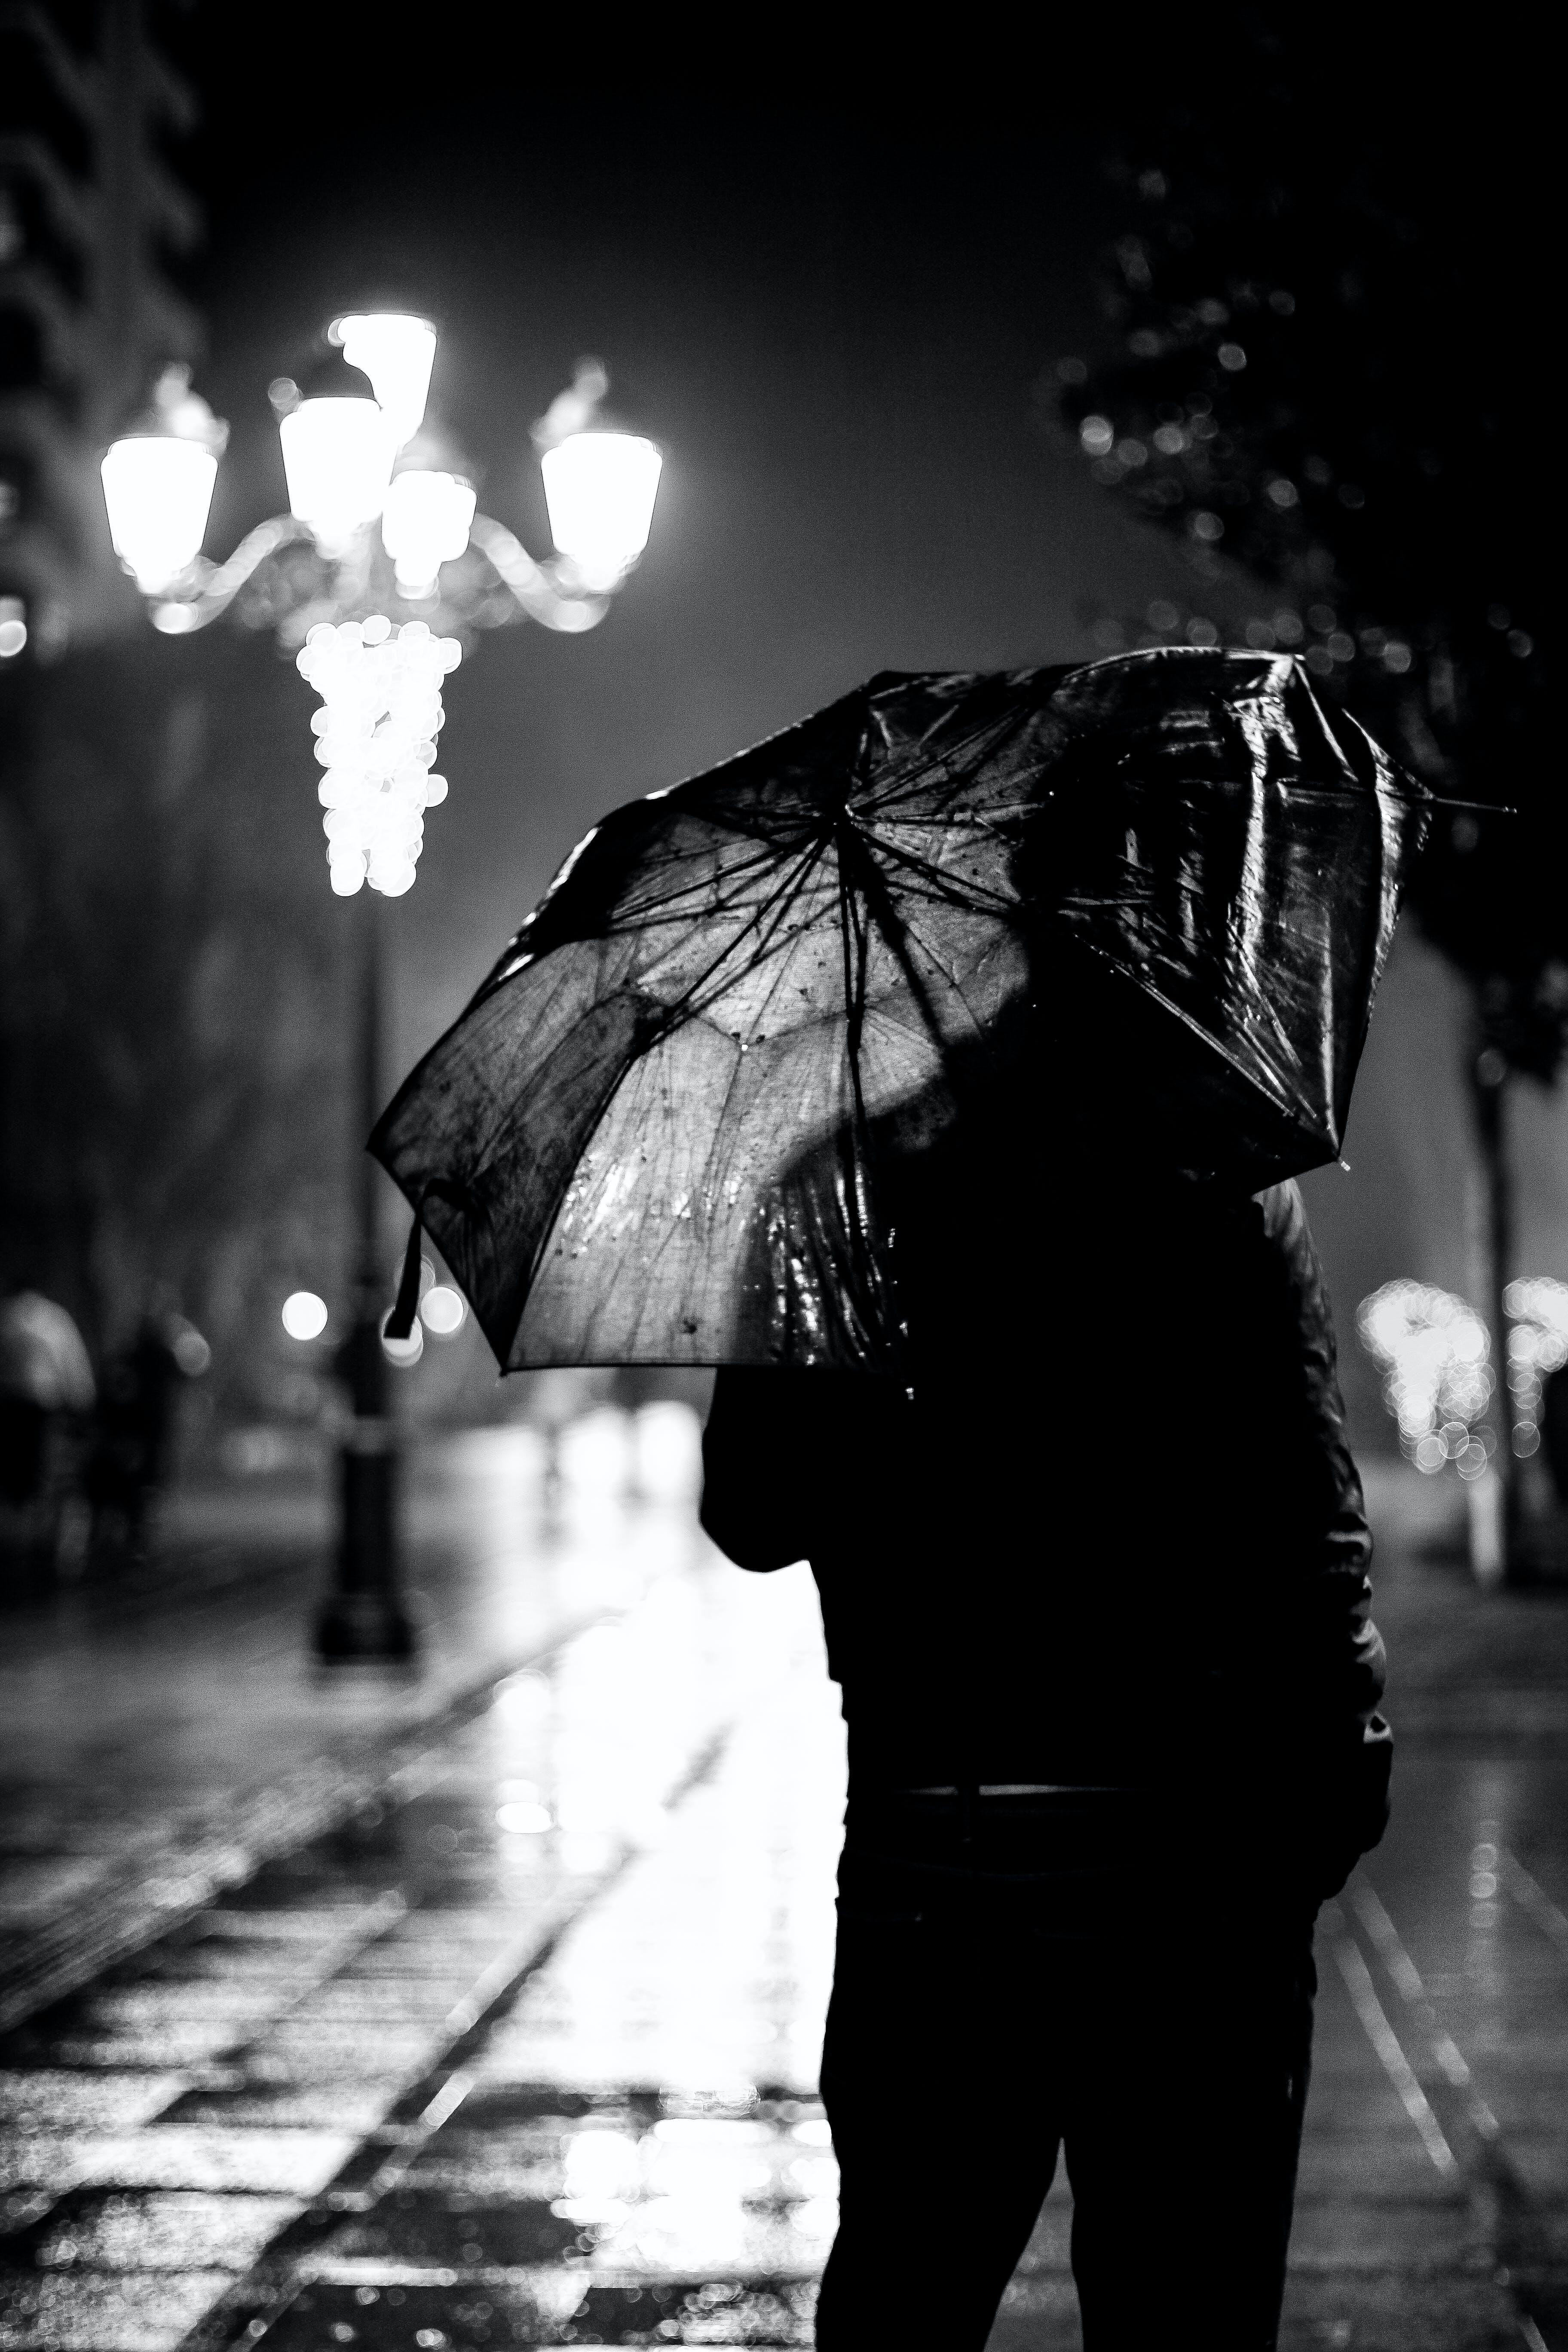 Kostenloses Stock Foto zu mann, person, regen, regenschirm